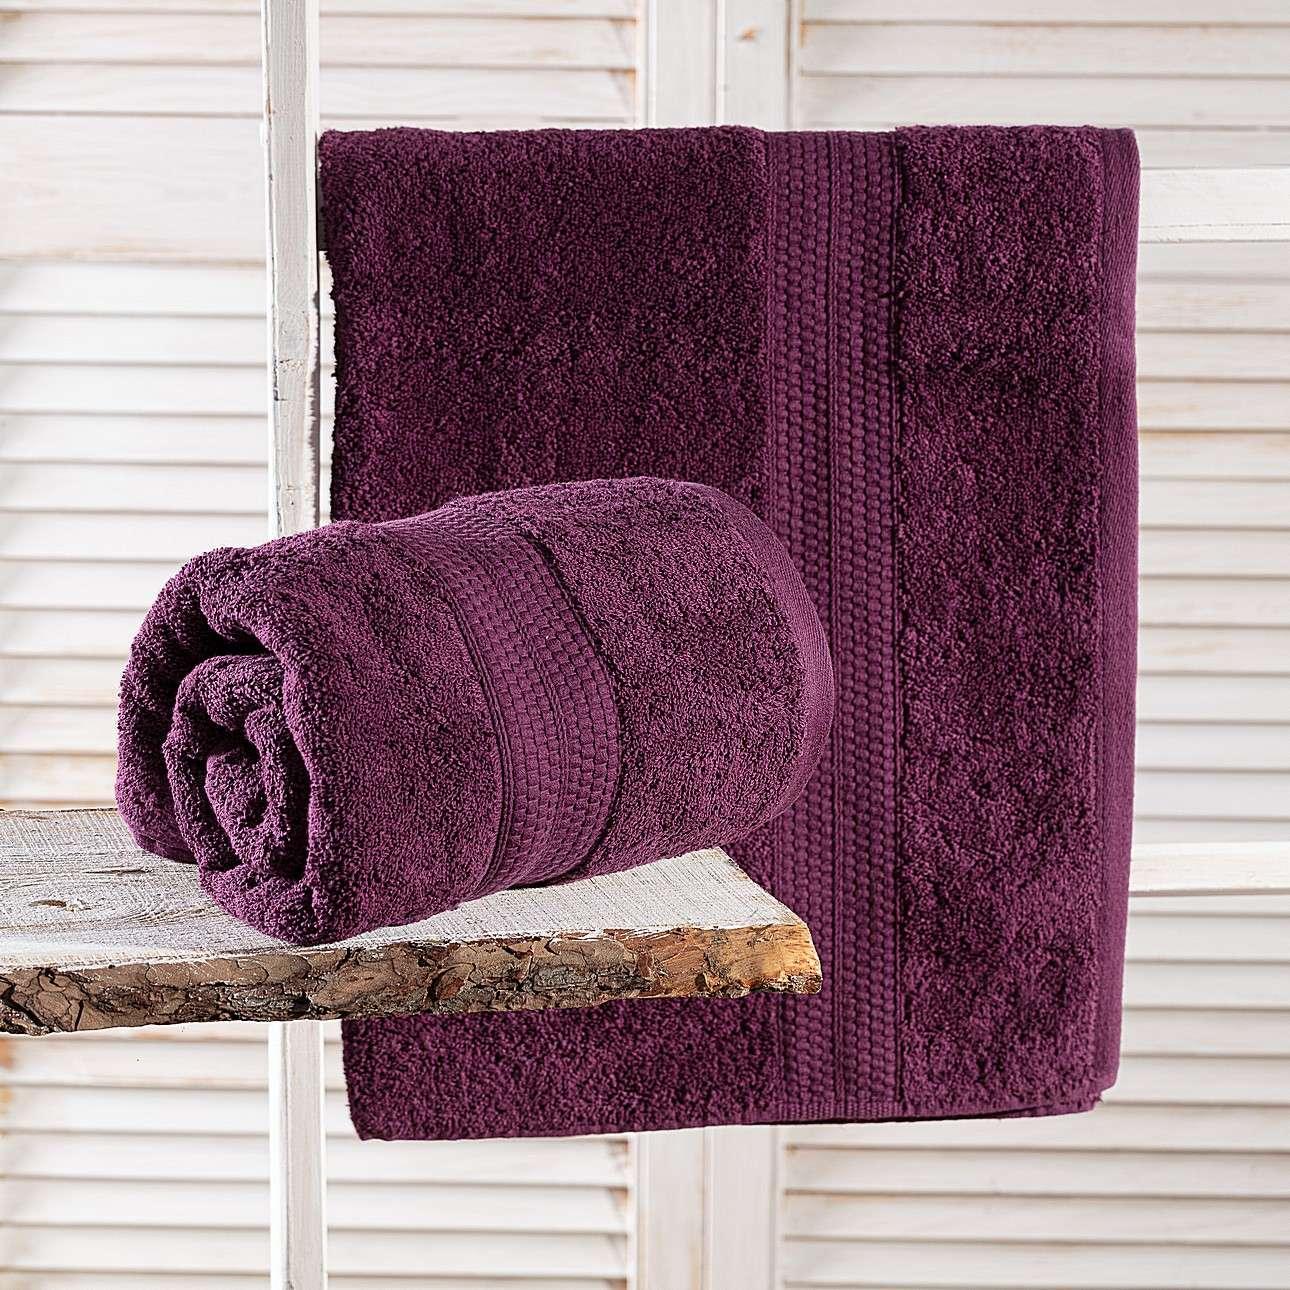 Ručník Evora fialový